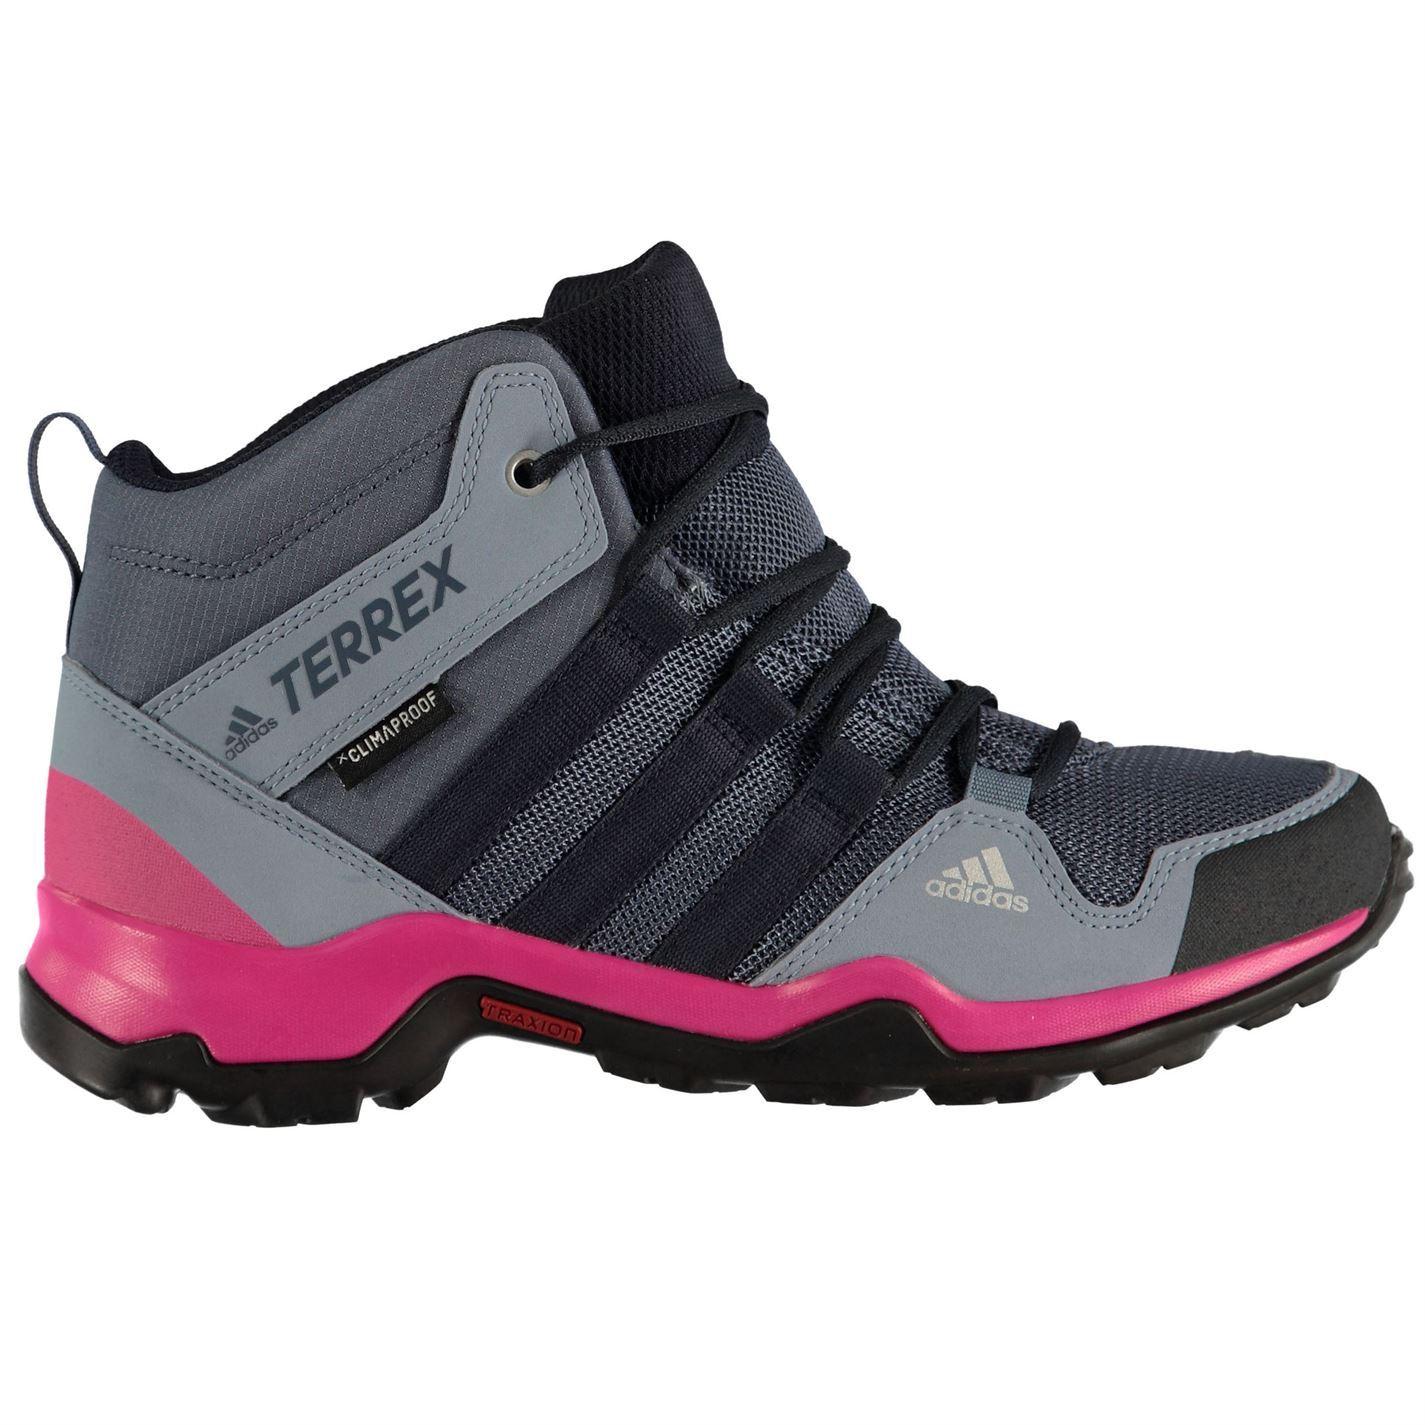 Détails sur Adidas Terrex AX2R Walking Boots Junior Filles Encremagenta Randonnée Trekking Chaussures afficher le titre d'origine